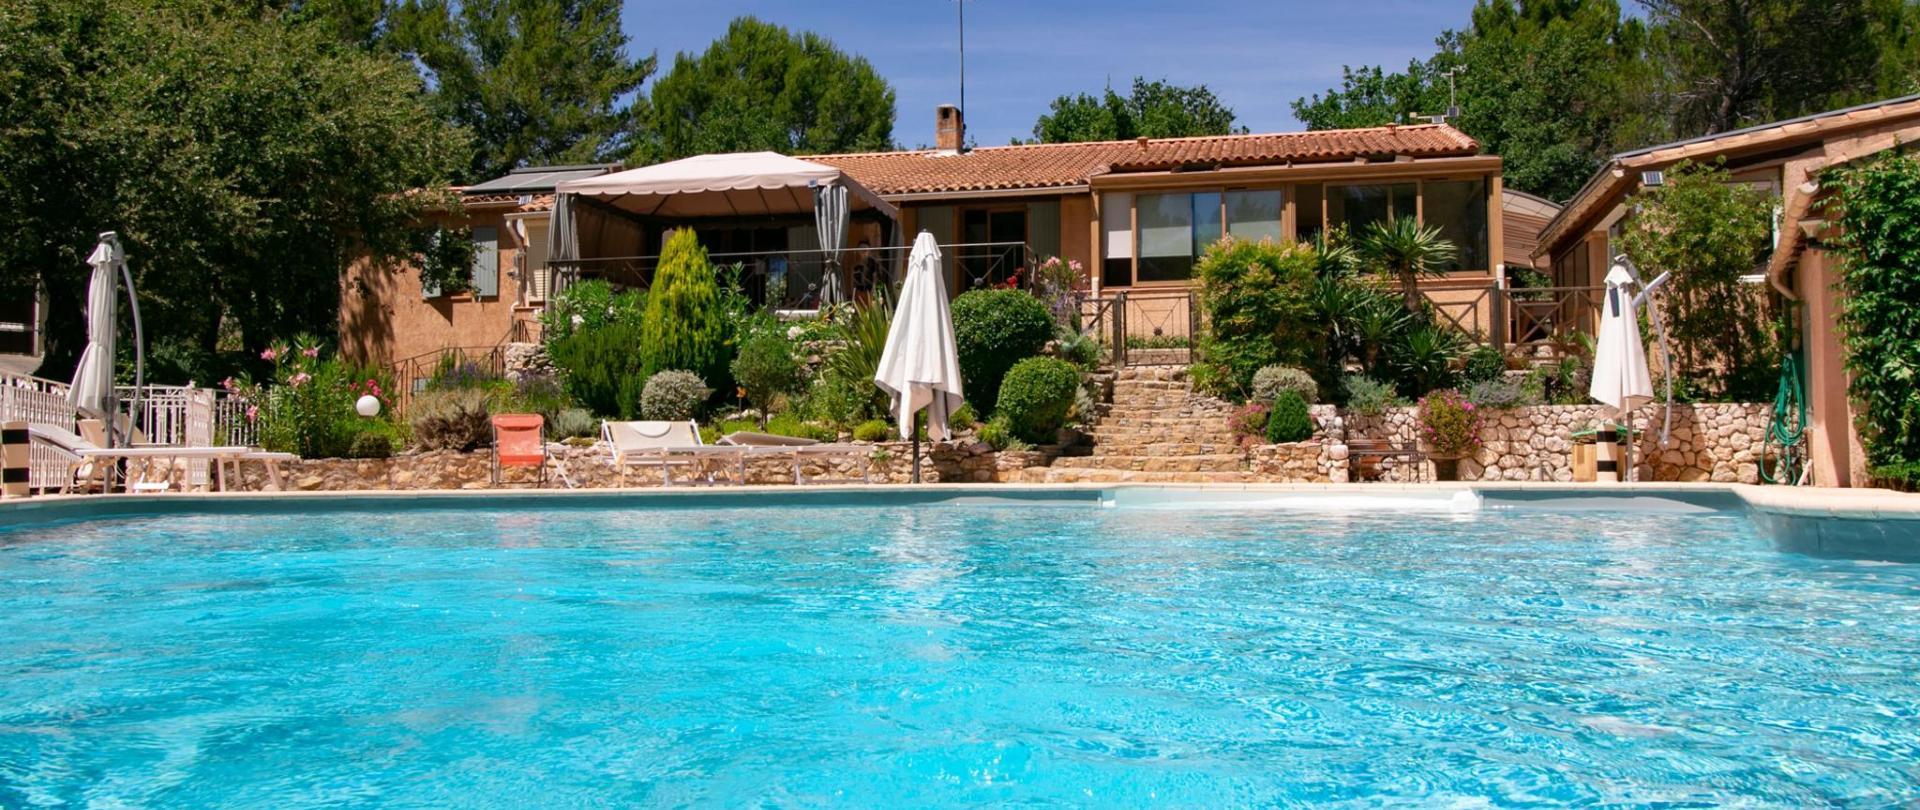 Villa piscine vue générale3  juillet 2020.jpg